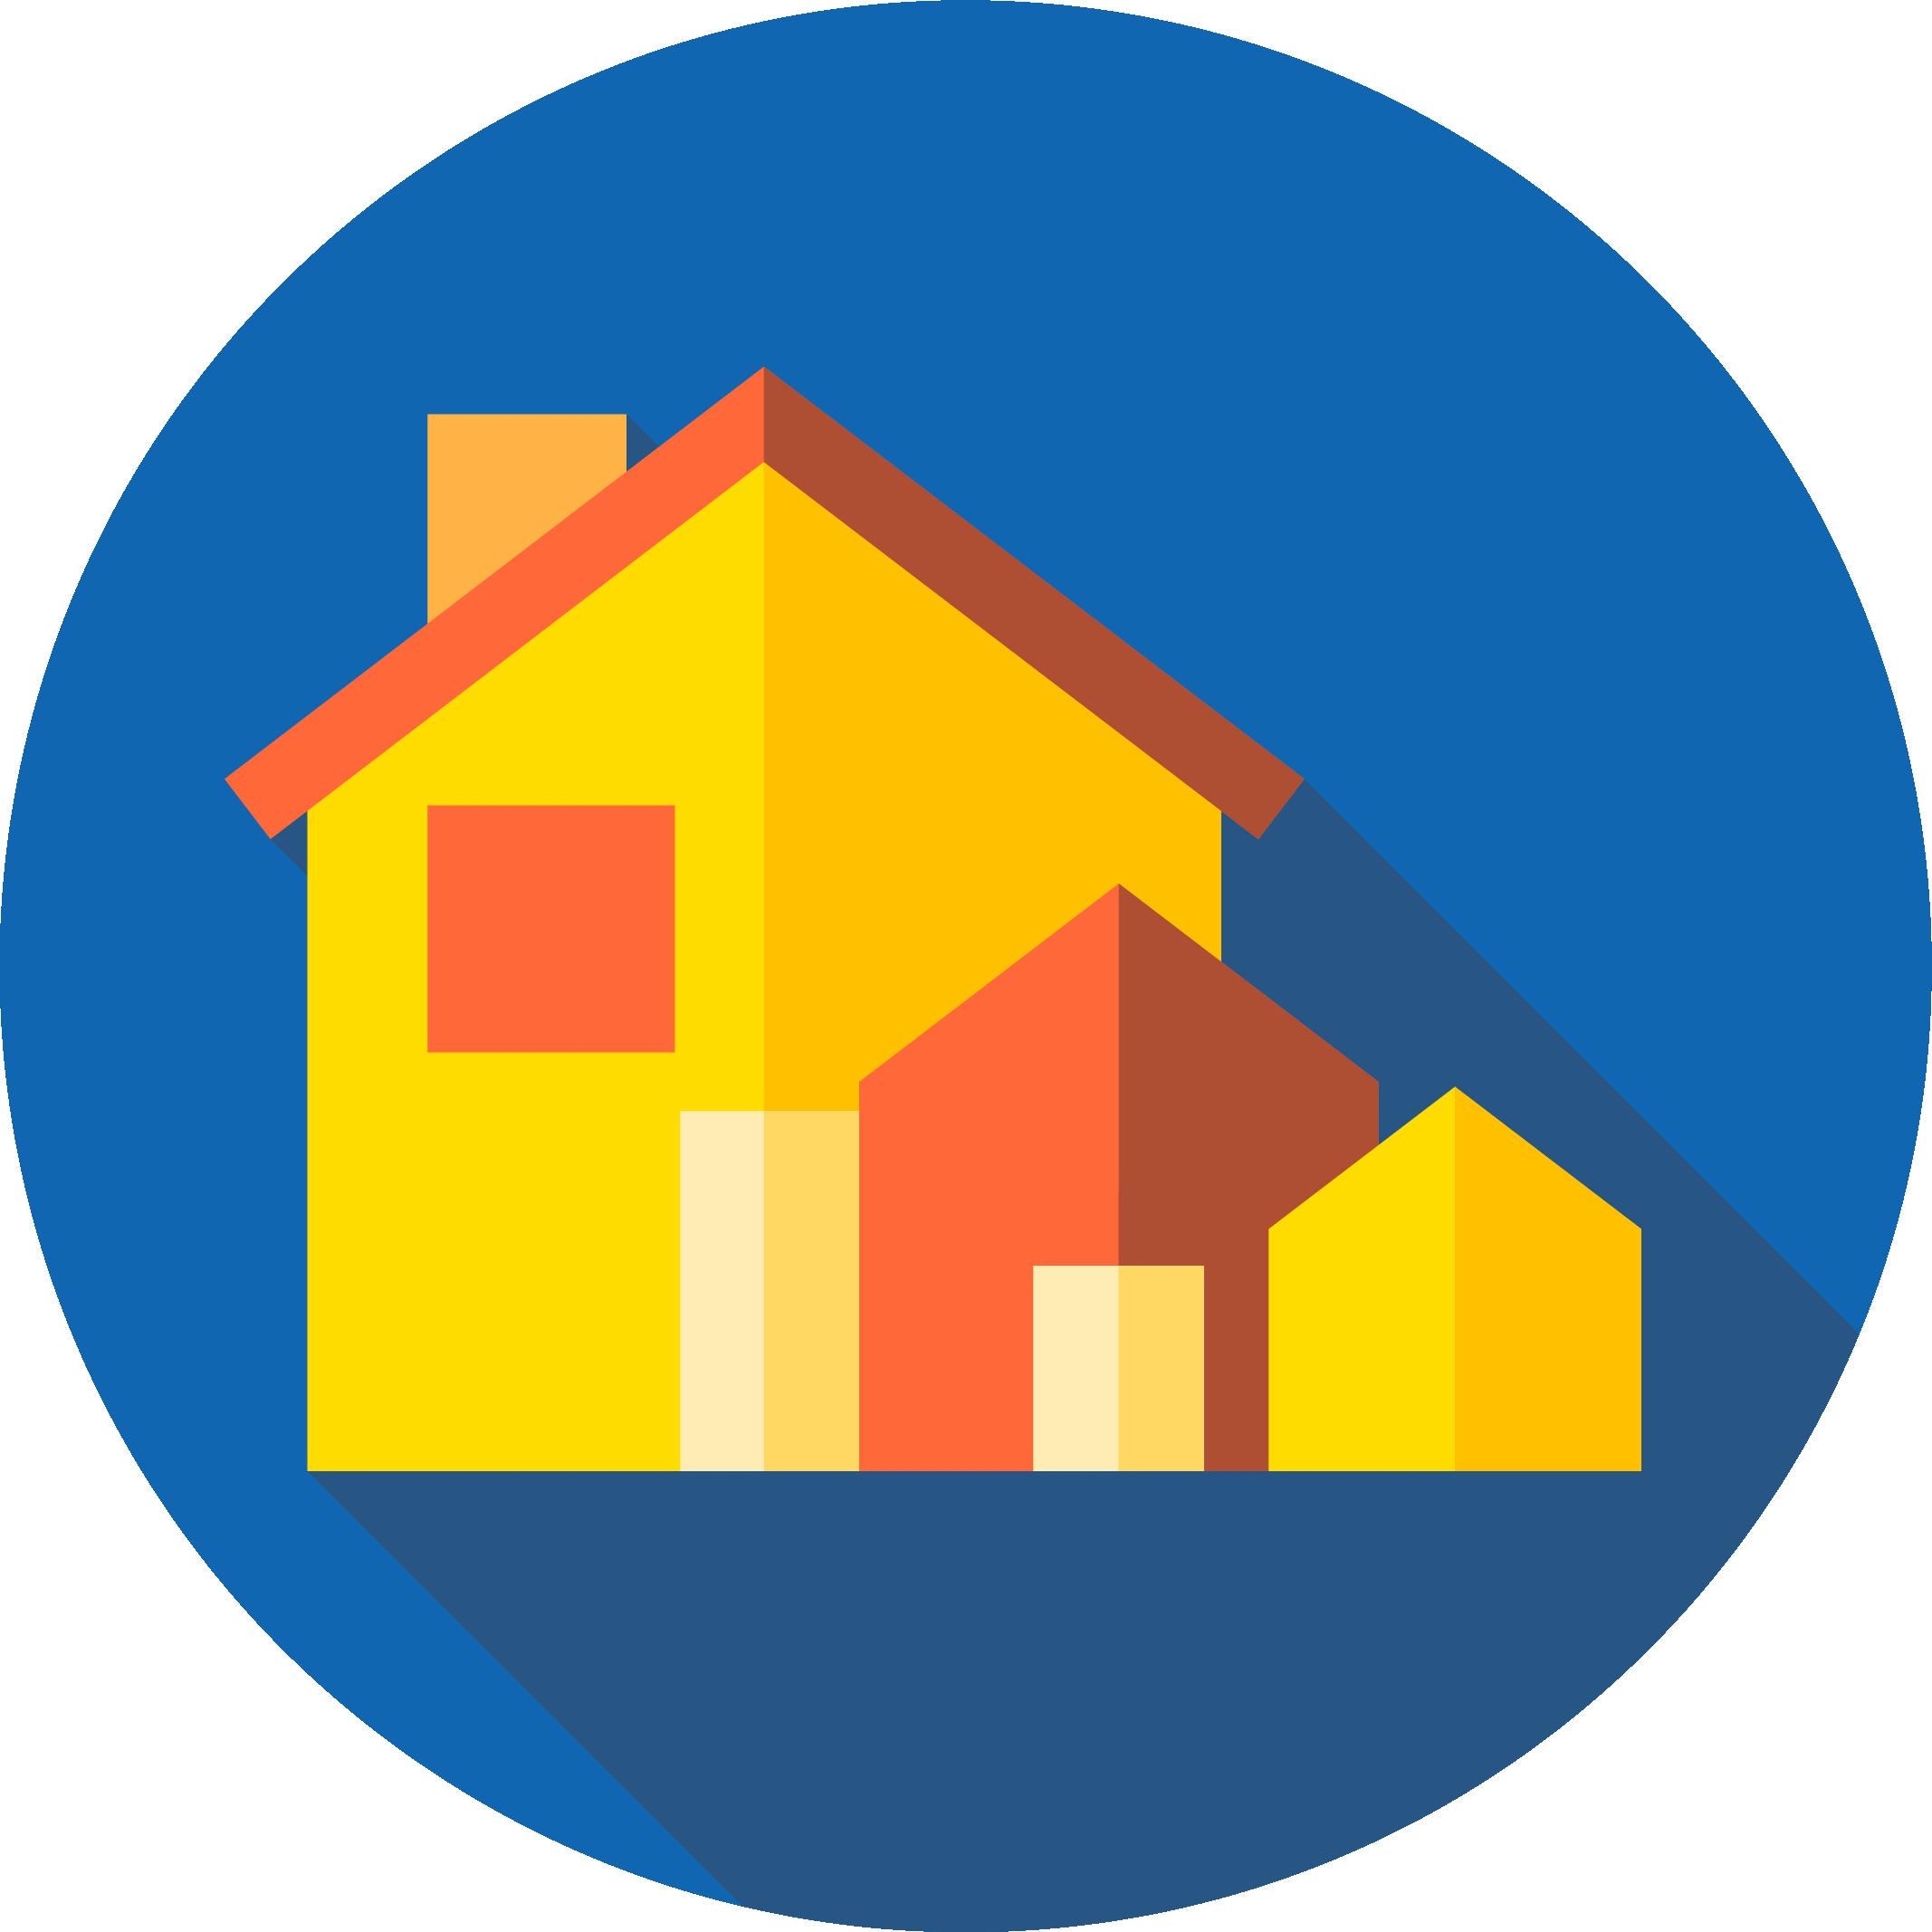 EDJ Company - Rekonstrukce bytových a rodinných domů